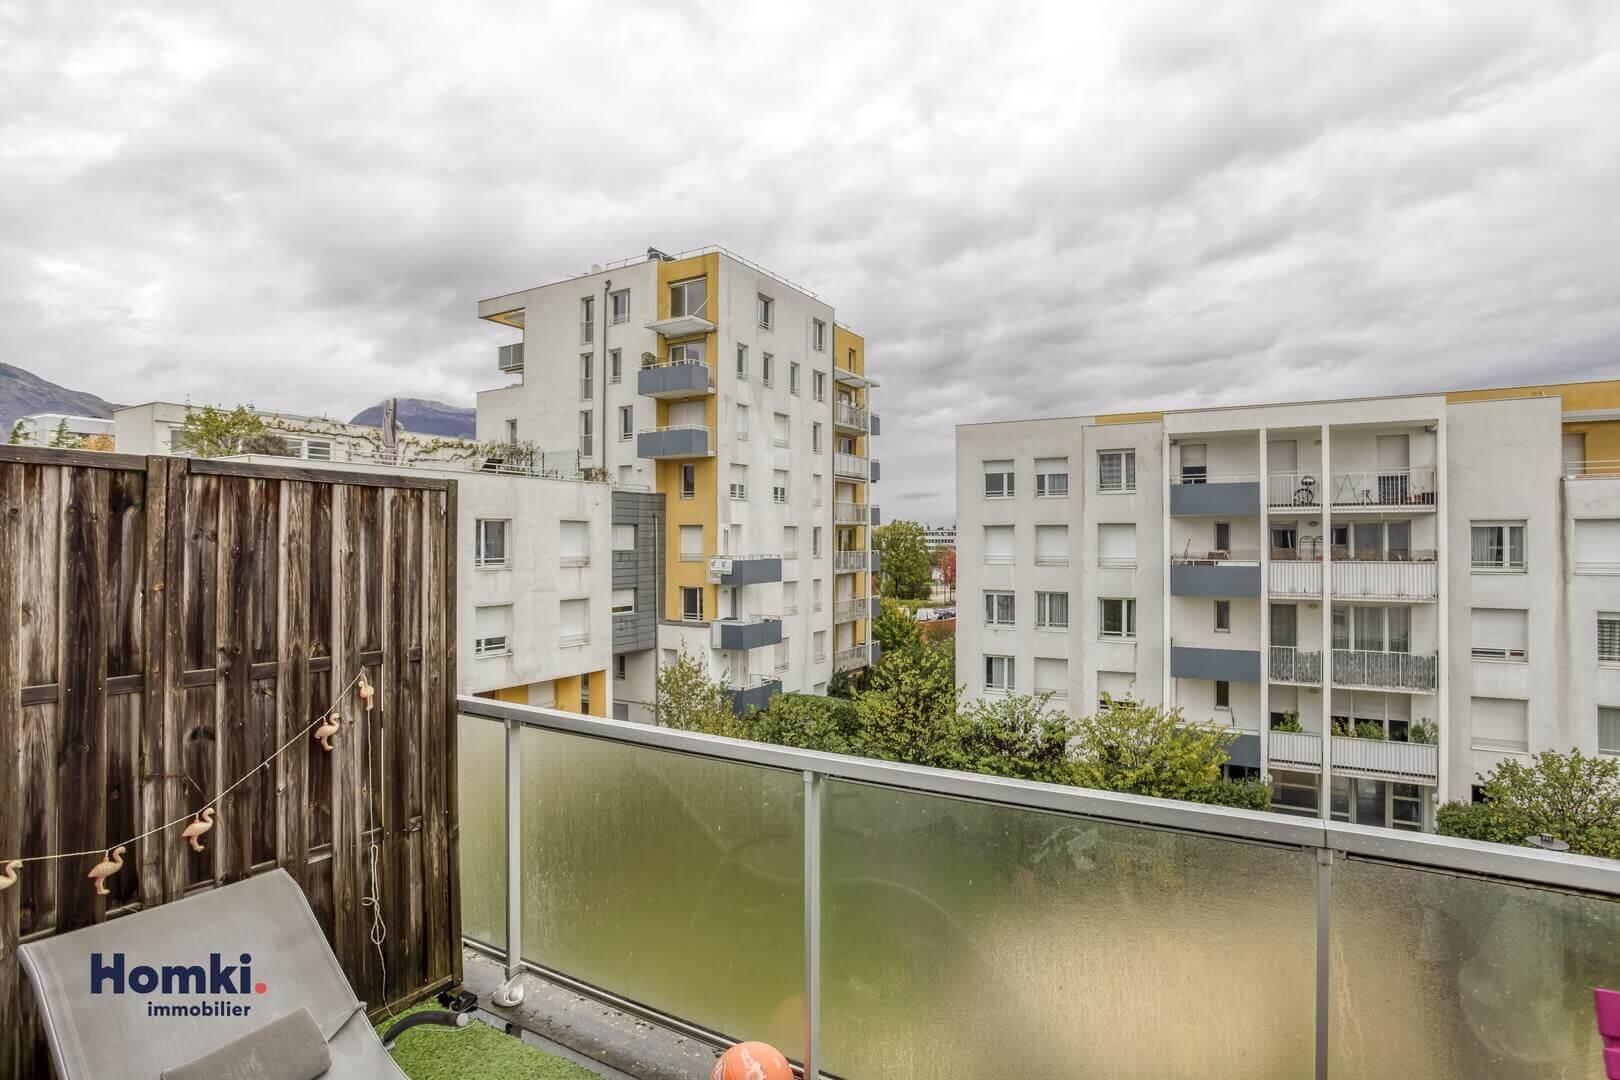 Homki - Vente Appartement  de 67.0 m² à Grenoble 38100